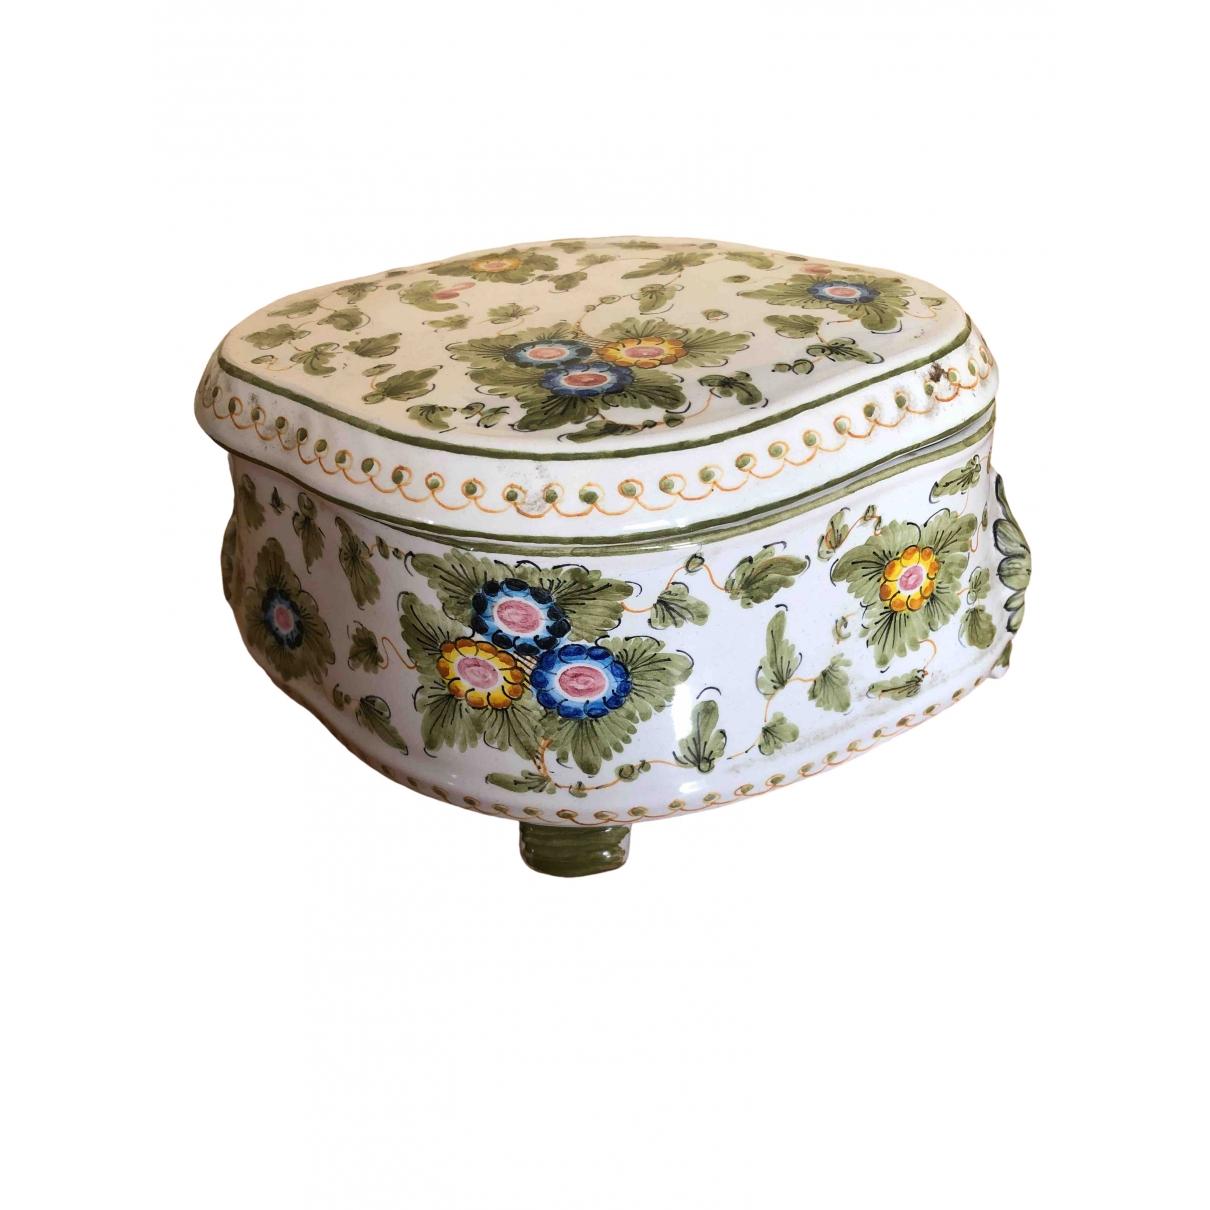 Objeto de decoracion de Porcelana Non Signe / Unsigned